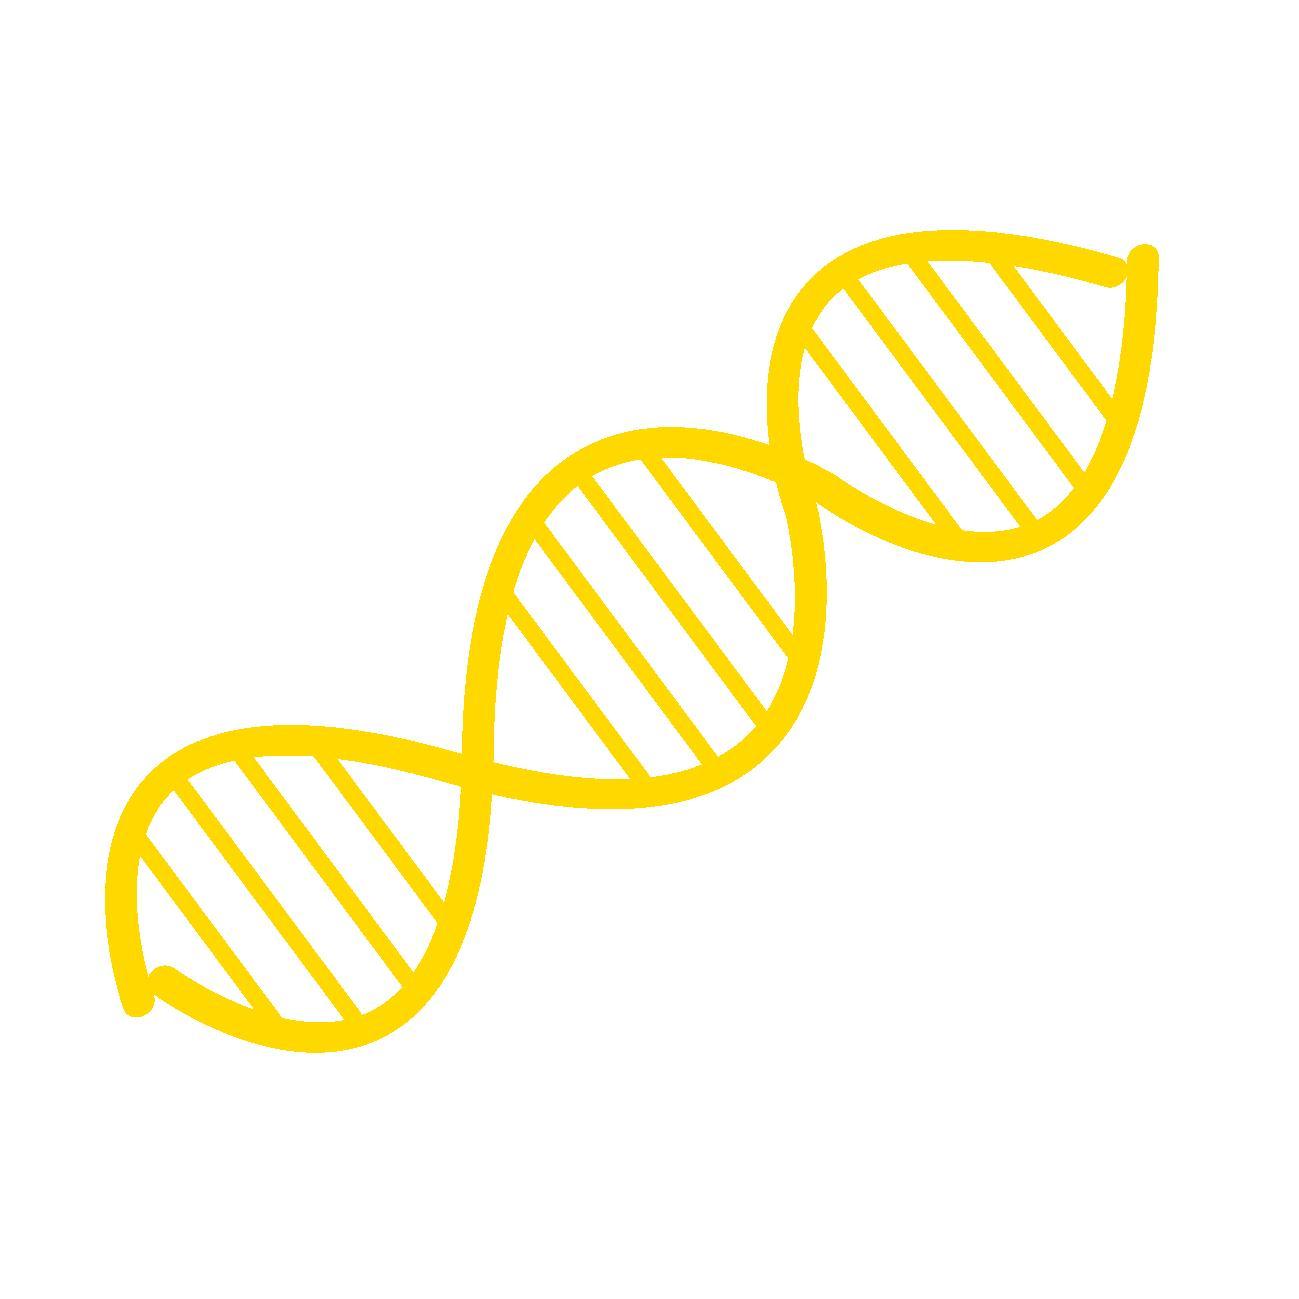 発達障害は遺伝性の病気なの?